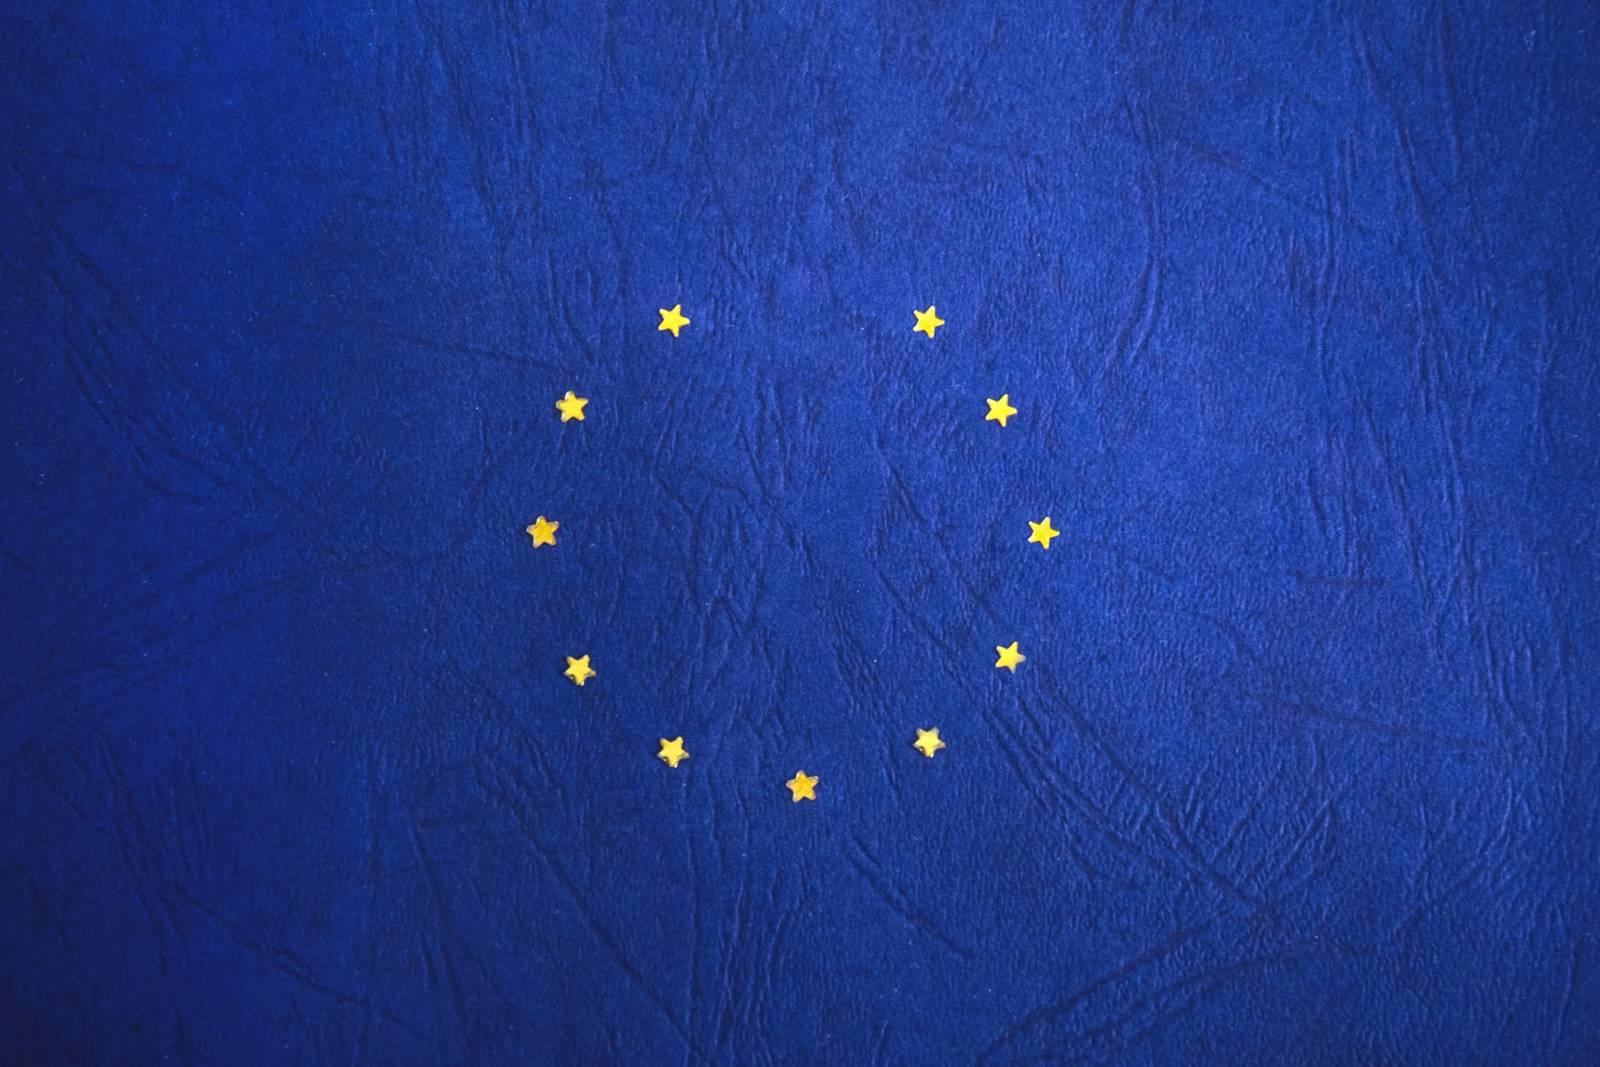 Morawieckis 'Eurokonservatismus'